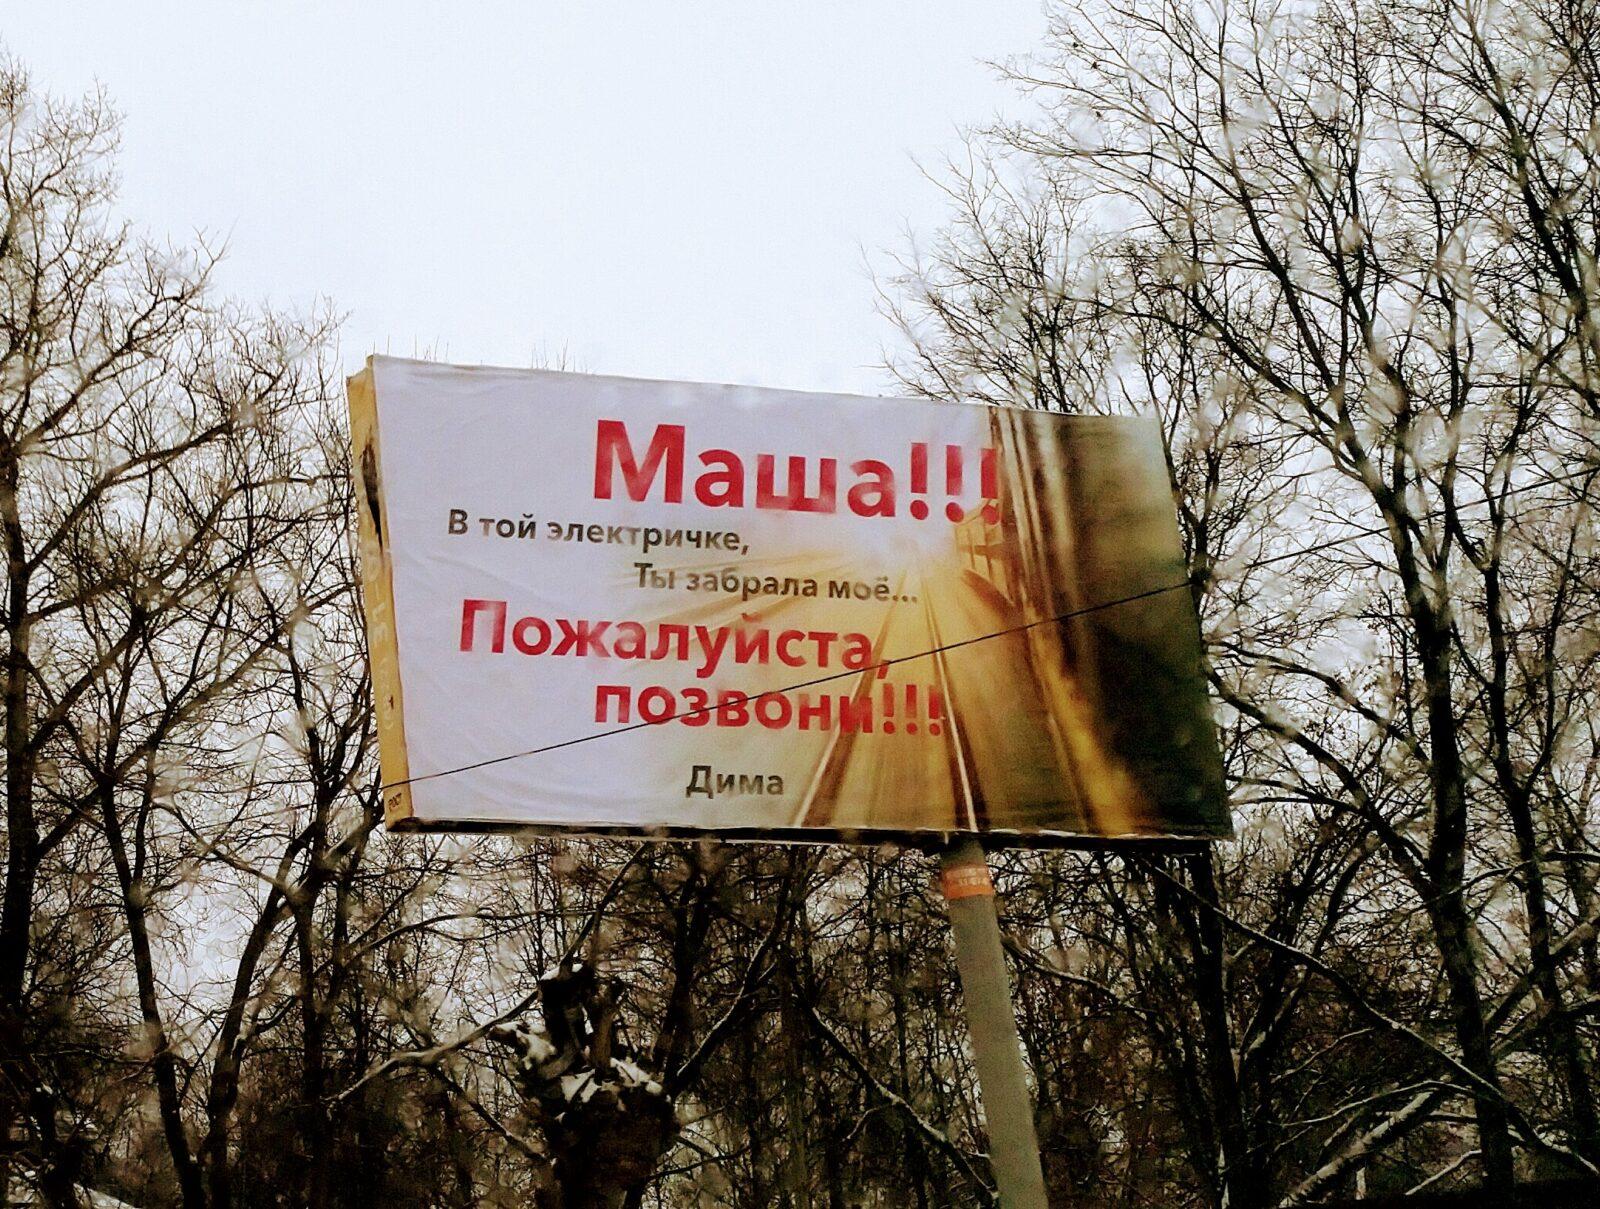 Маша что-то забрала у Димы: в Тверской области появился трогательный баннер